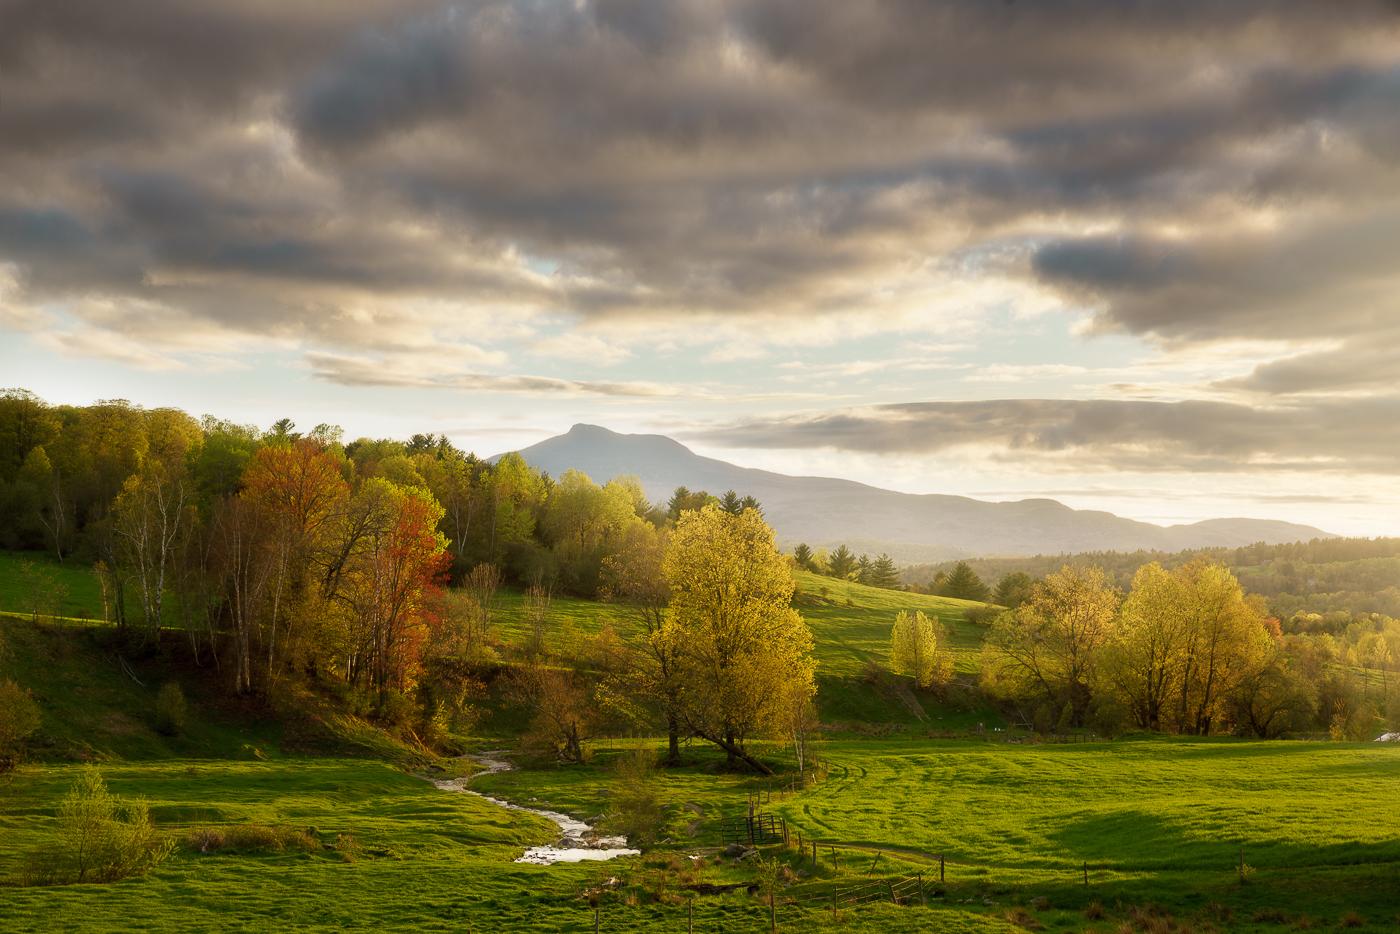 Autumn in Vermont Photo Workshop